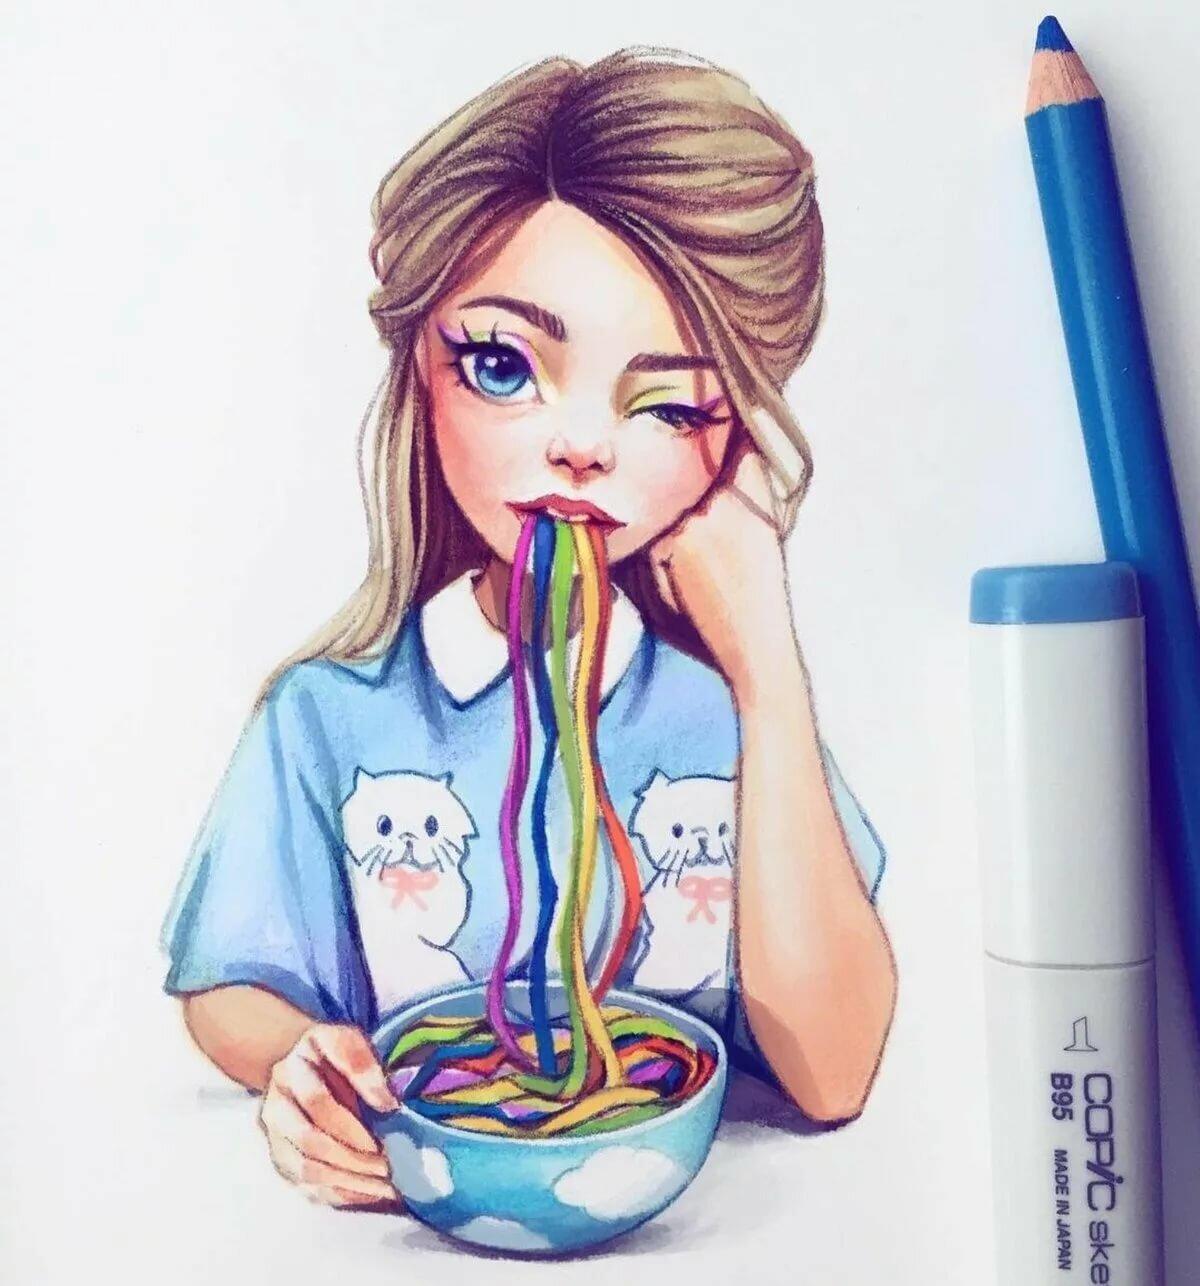 Твоя, рисунки для срисовки для девочек 10 лет карандашом крутые и легкие